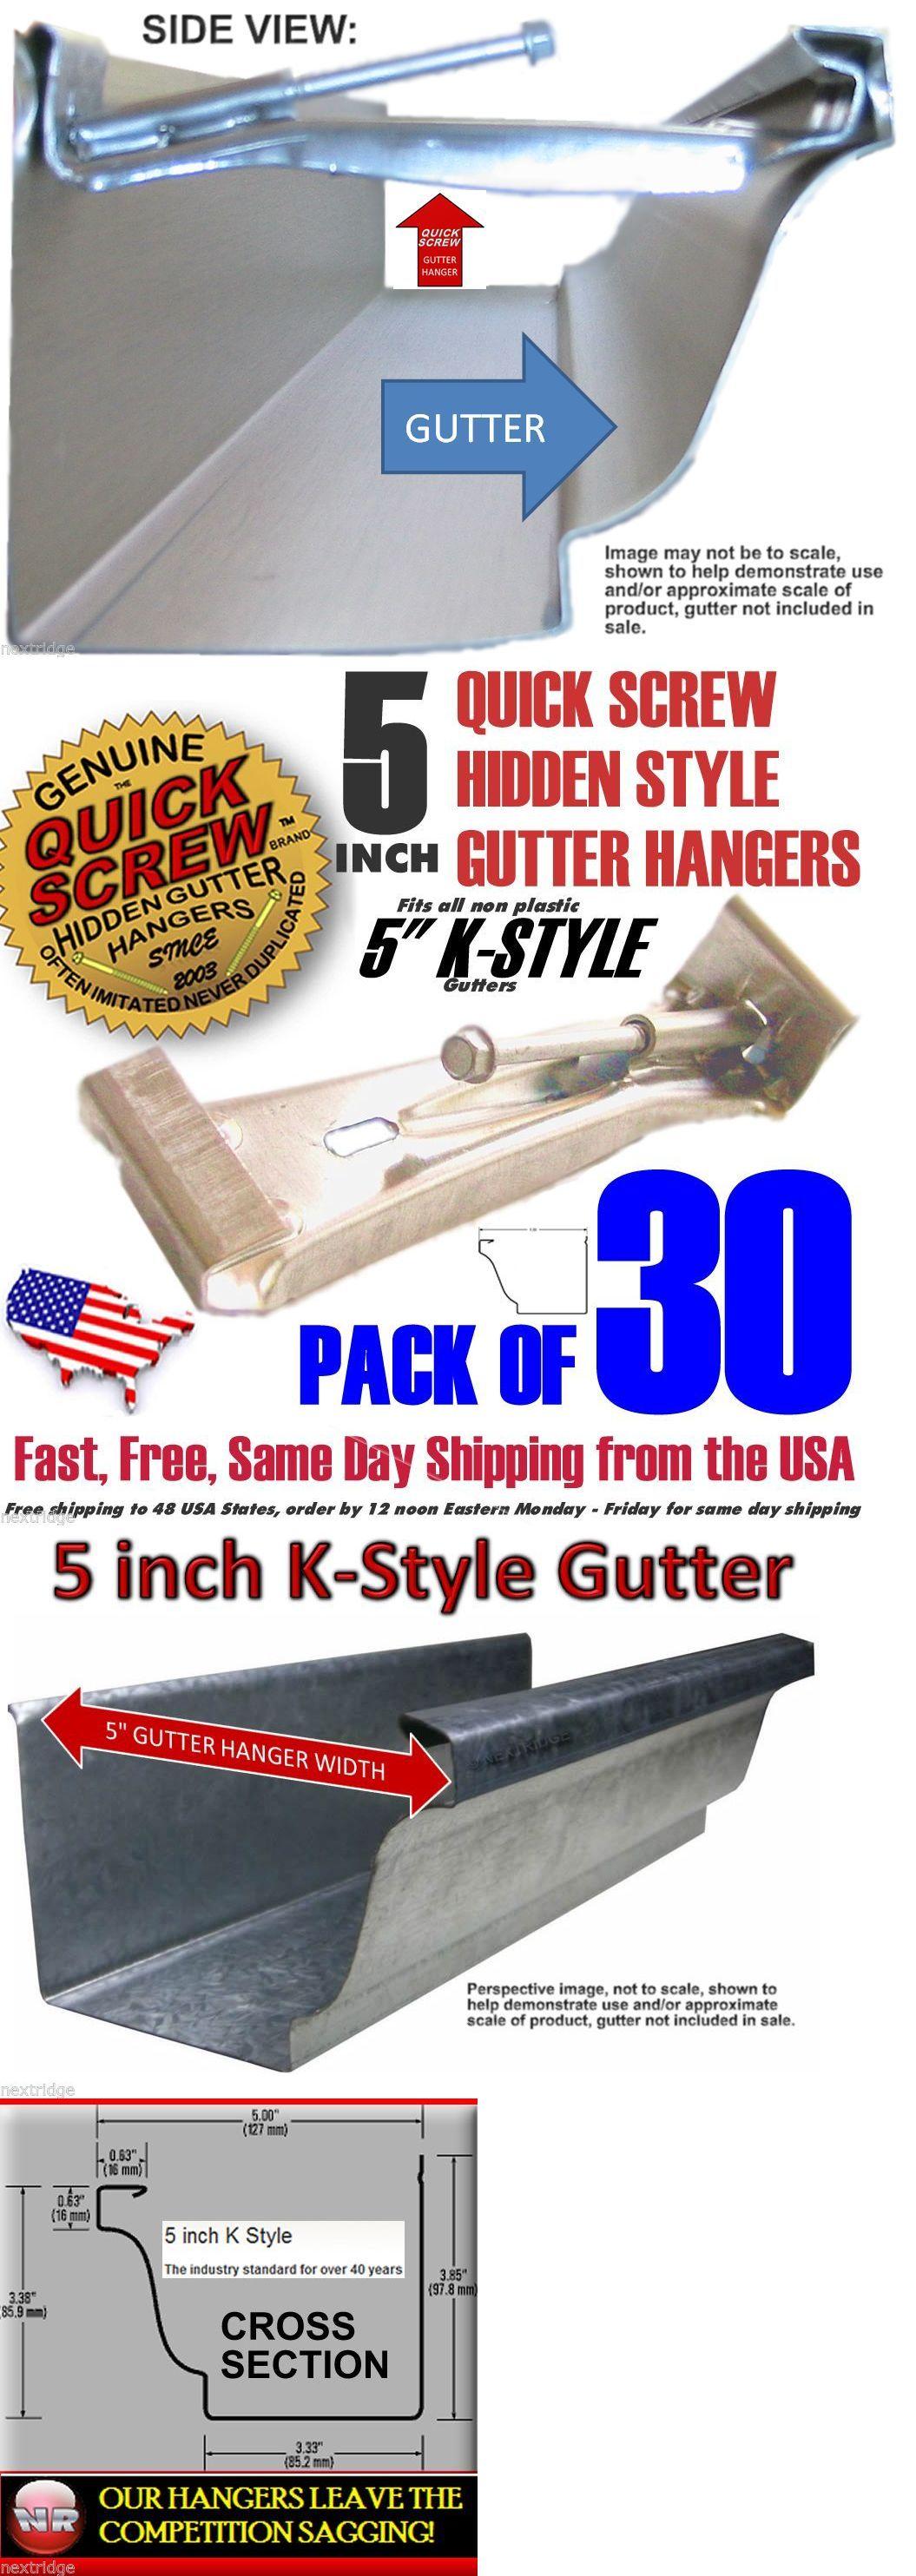 Details About 30 Premium Grade 5 Inch Quick Screw Hidden Rain Gutter Hangers With Clip Strong Rain Gutters Gutter Hanger Clips